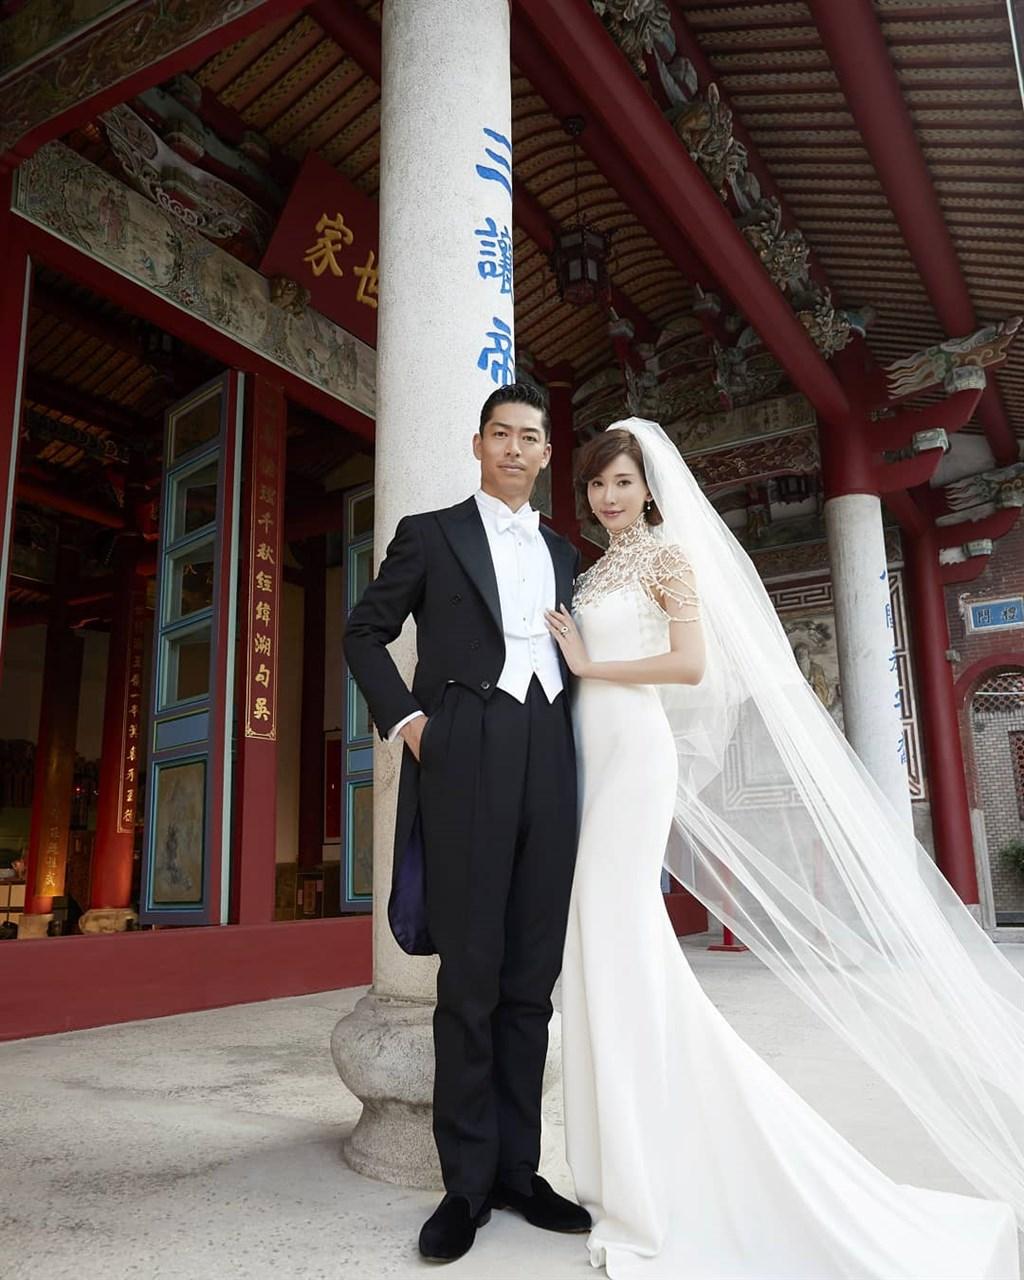 名模林志玲(右起)與日本男星AKIRA 17日下午依台灣習俗在台南舉行結婚儀式,場面感人。(圖取自林志玲IG網頁instagram.com/chiling.lin)